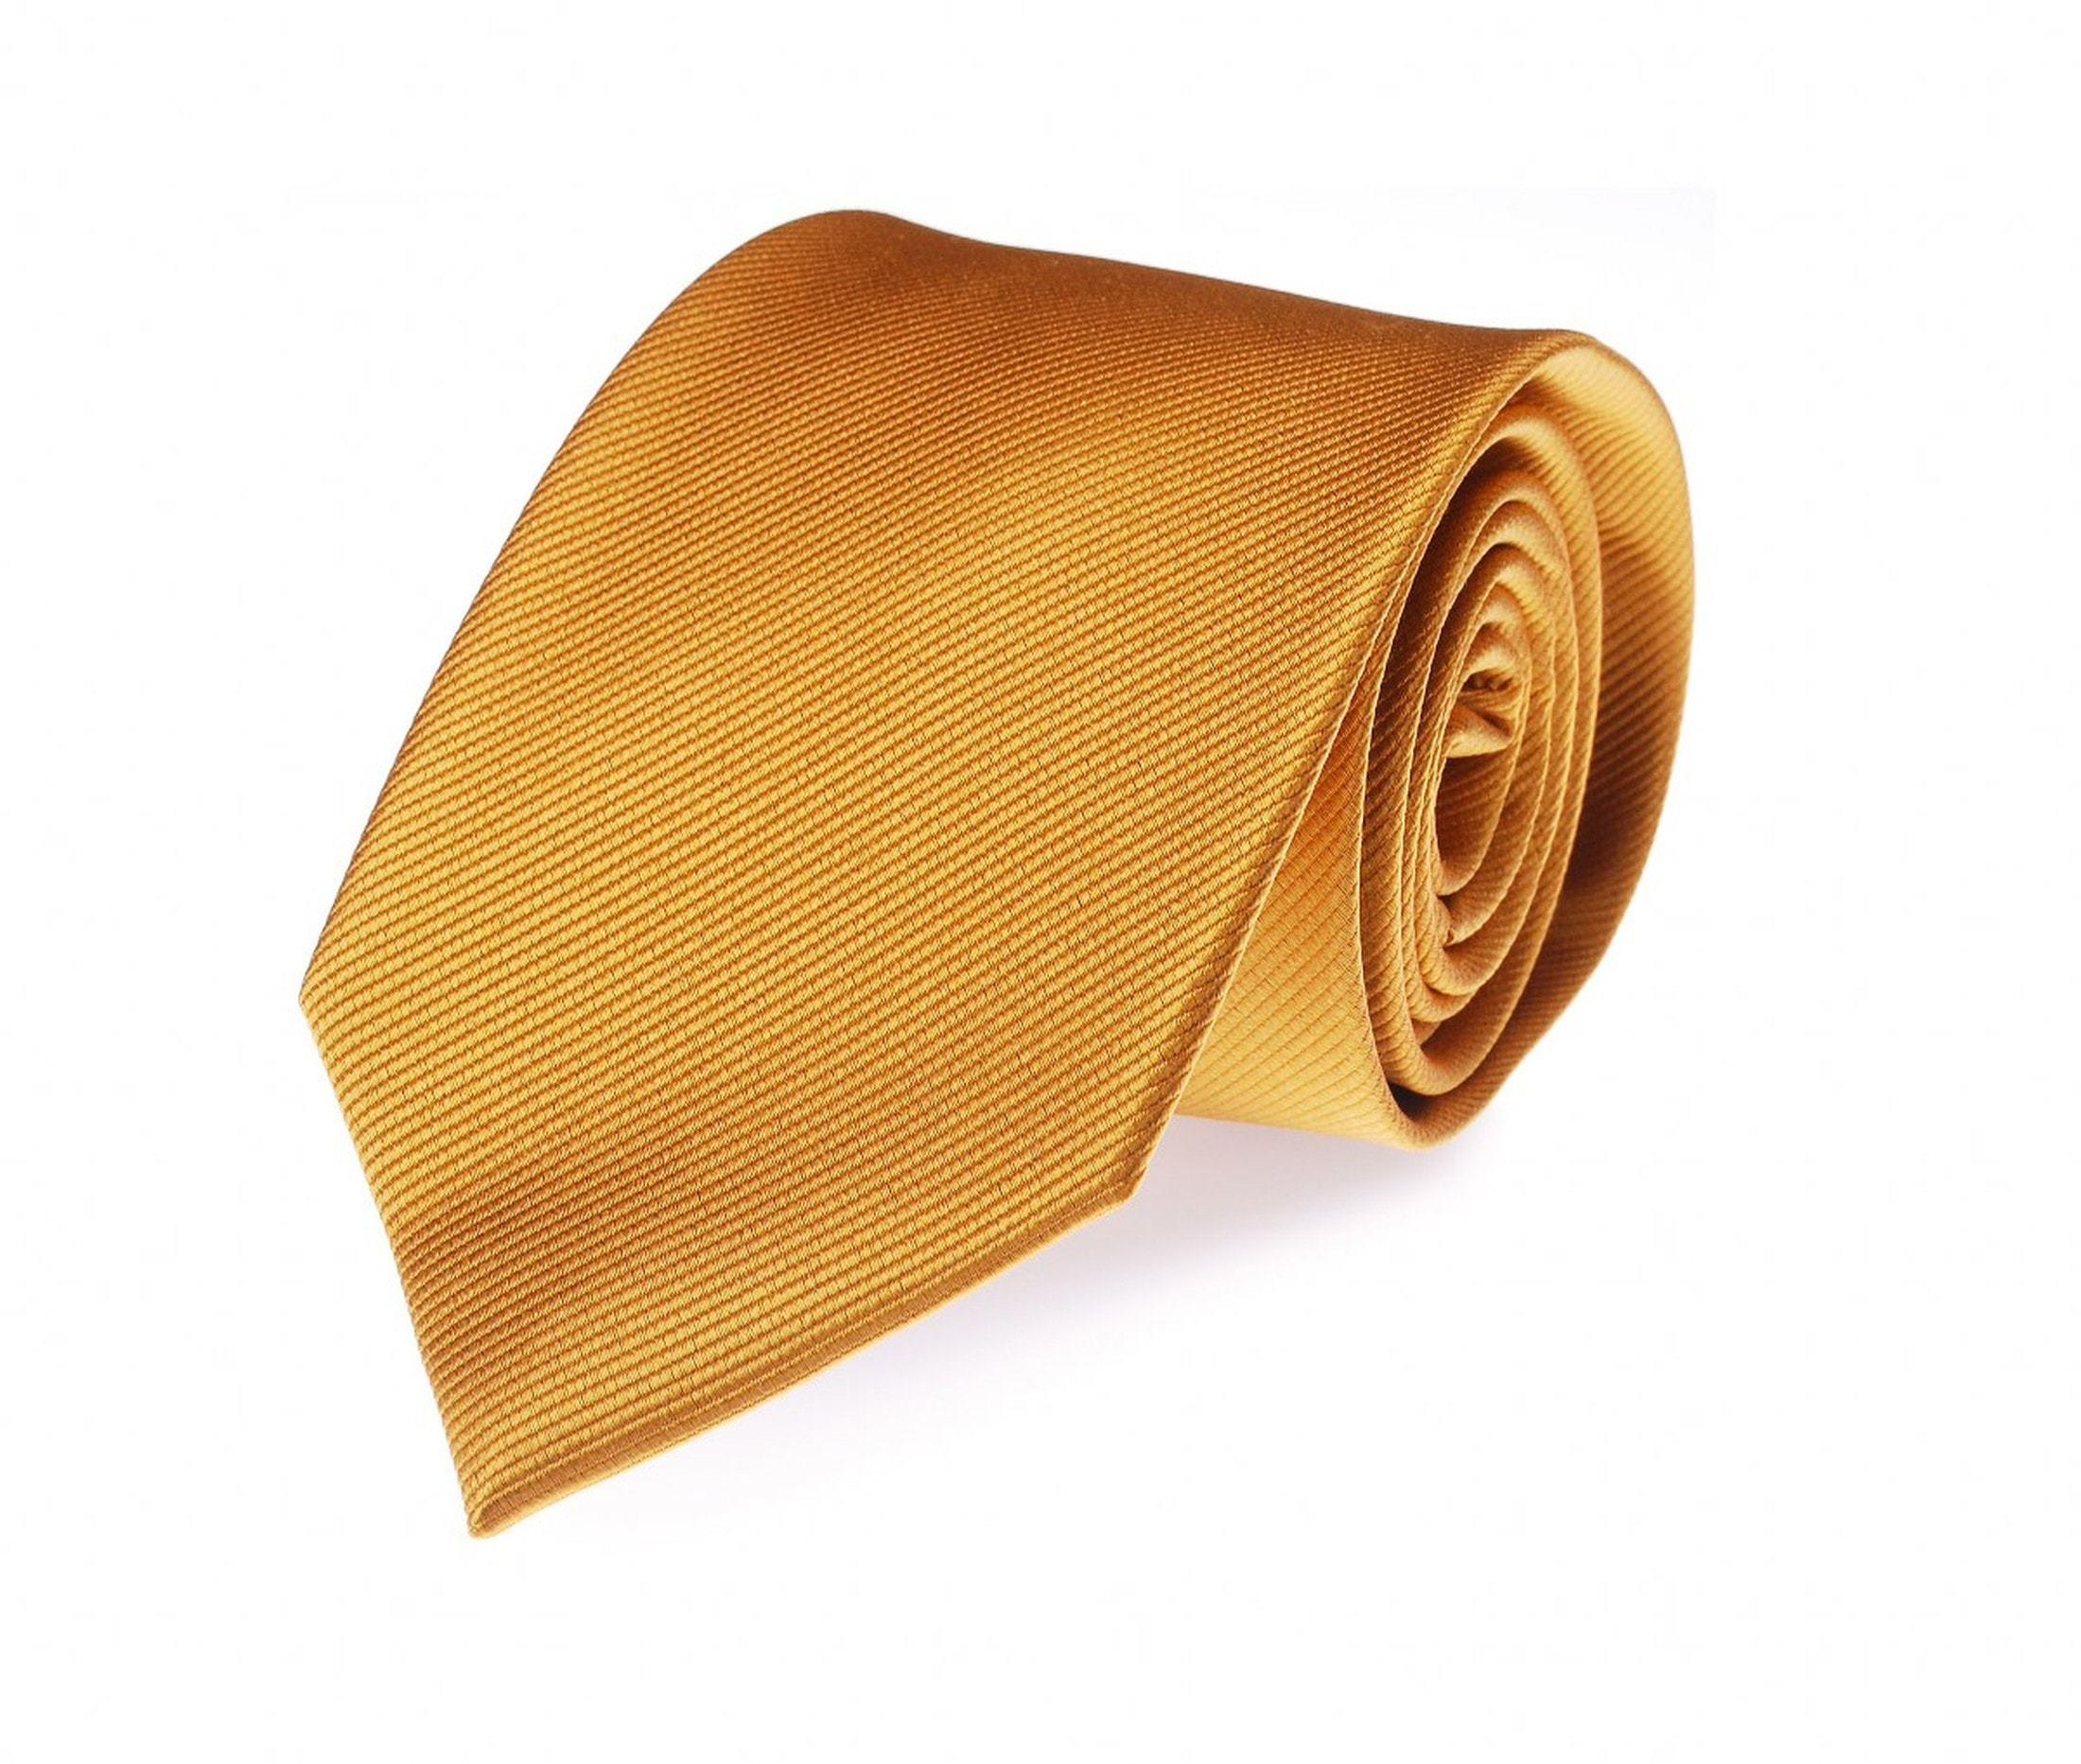 Krawatte Seide Gold Uni F13 foto 0